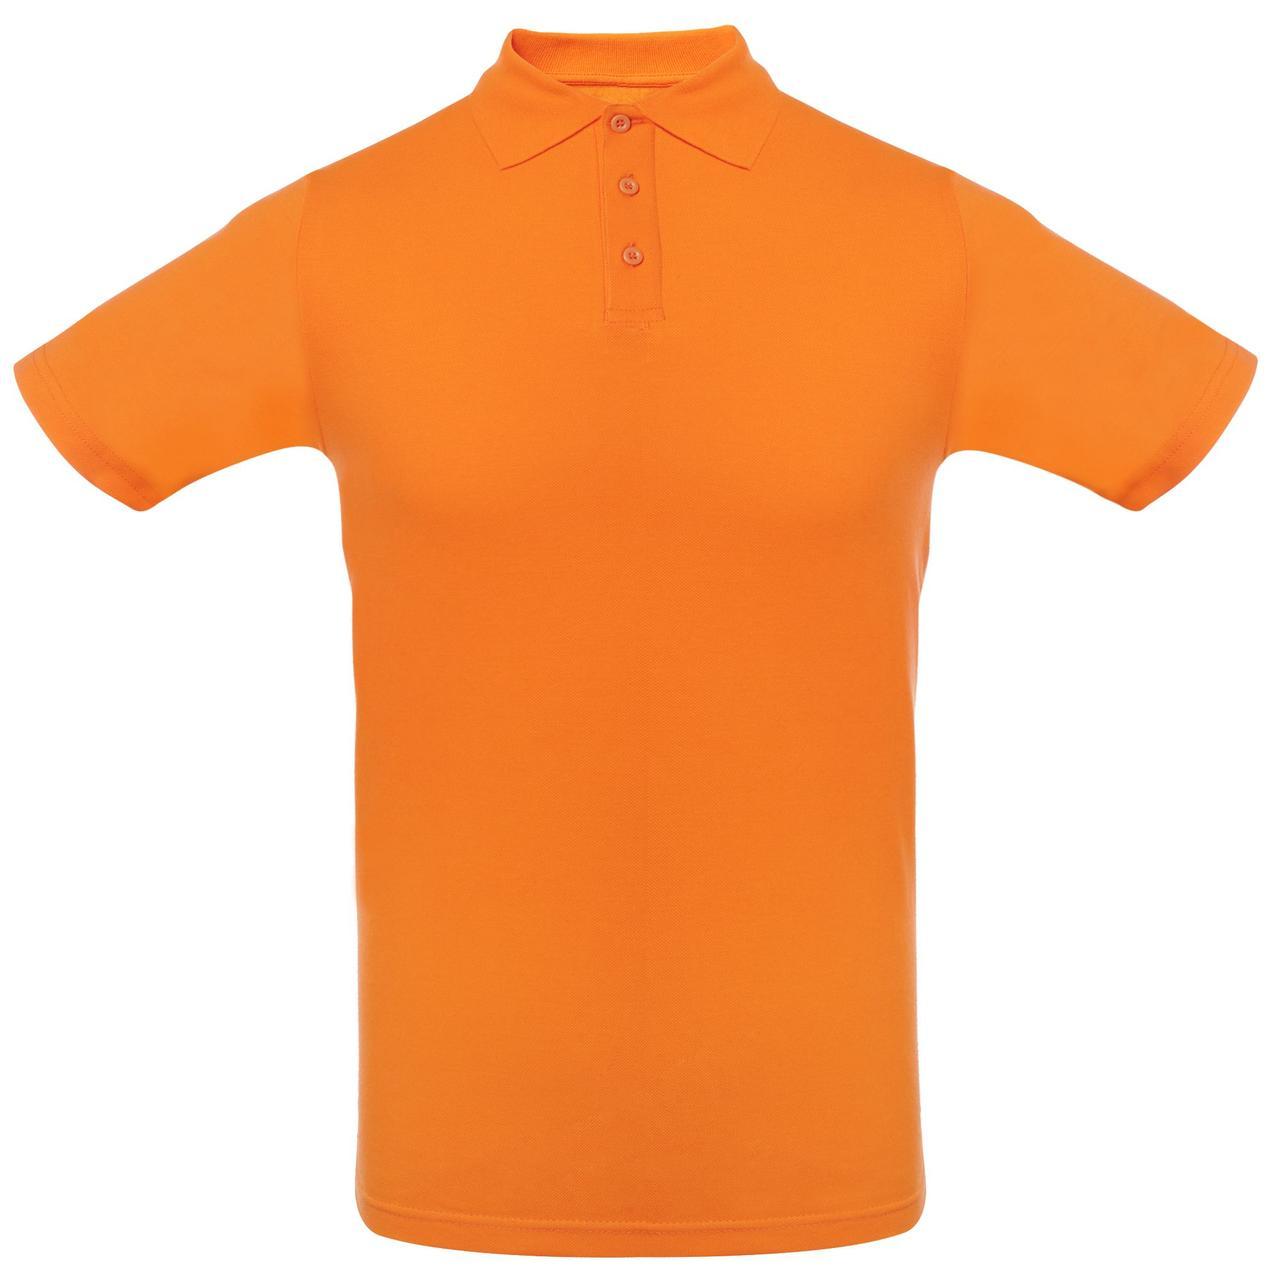 Футболка Поло Оранжевая.200 гр.XS